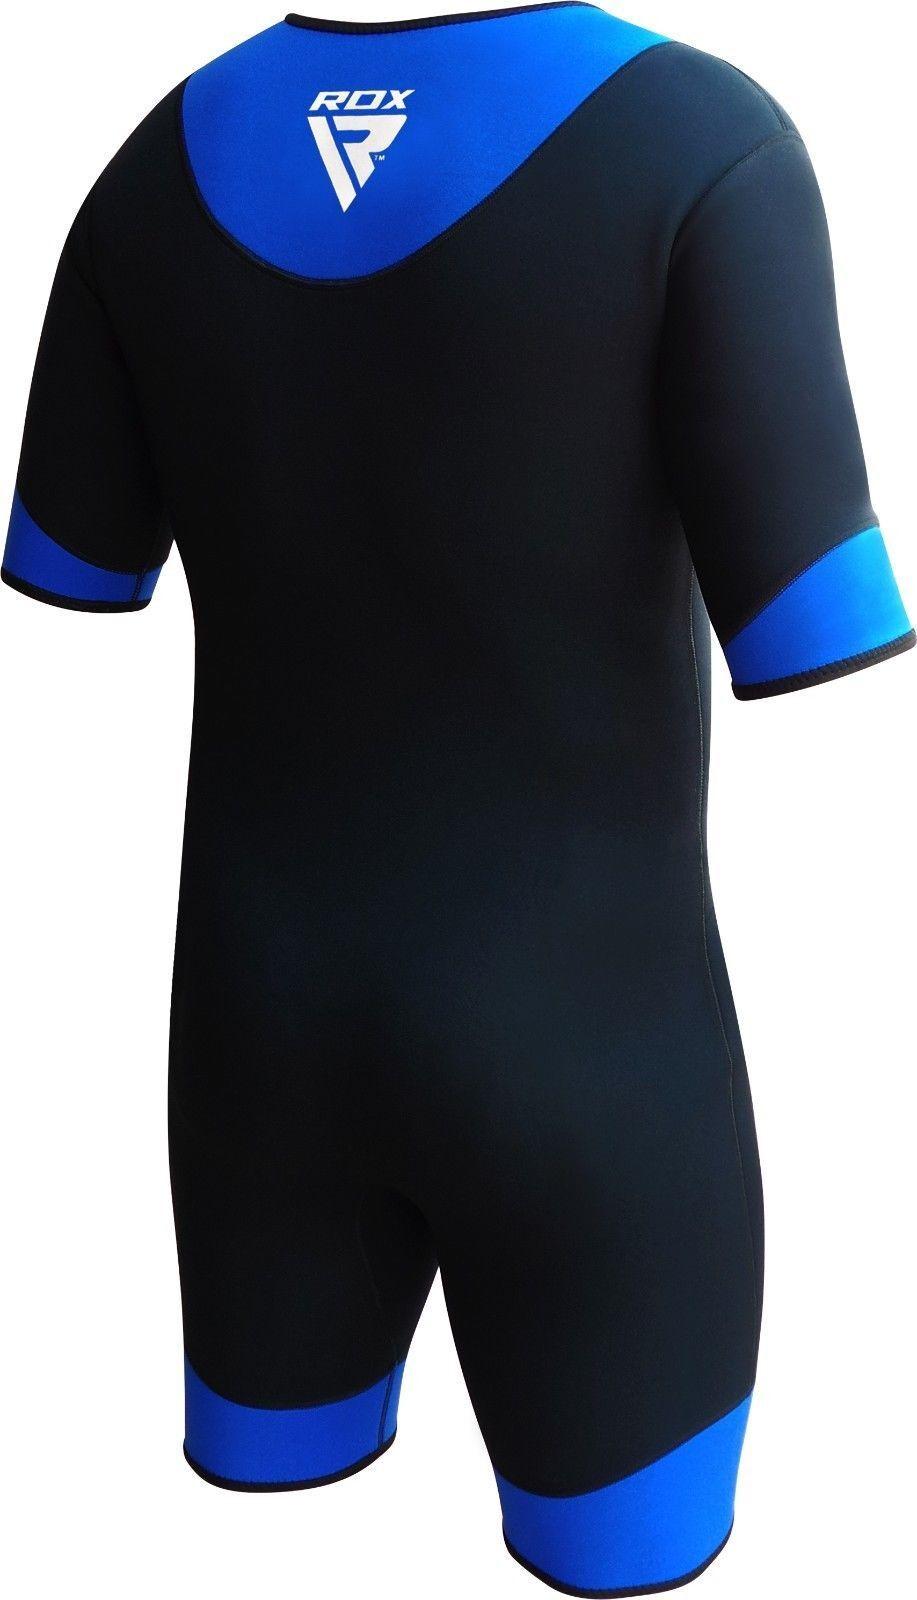 RDX Sudation Survêtement Survêtement Survêtement Costume De Sauna Sweat Suit Perte Poids Training FR 82c299